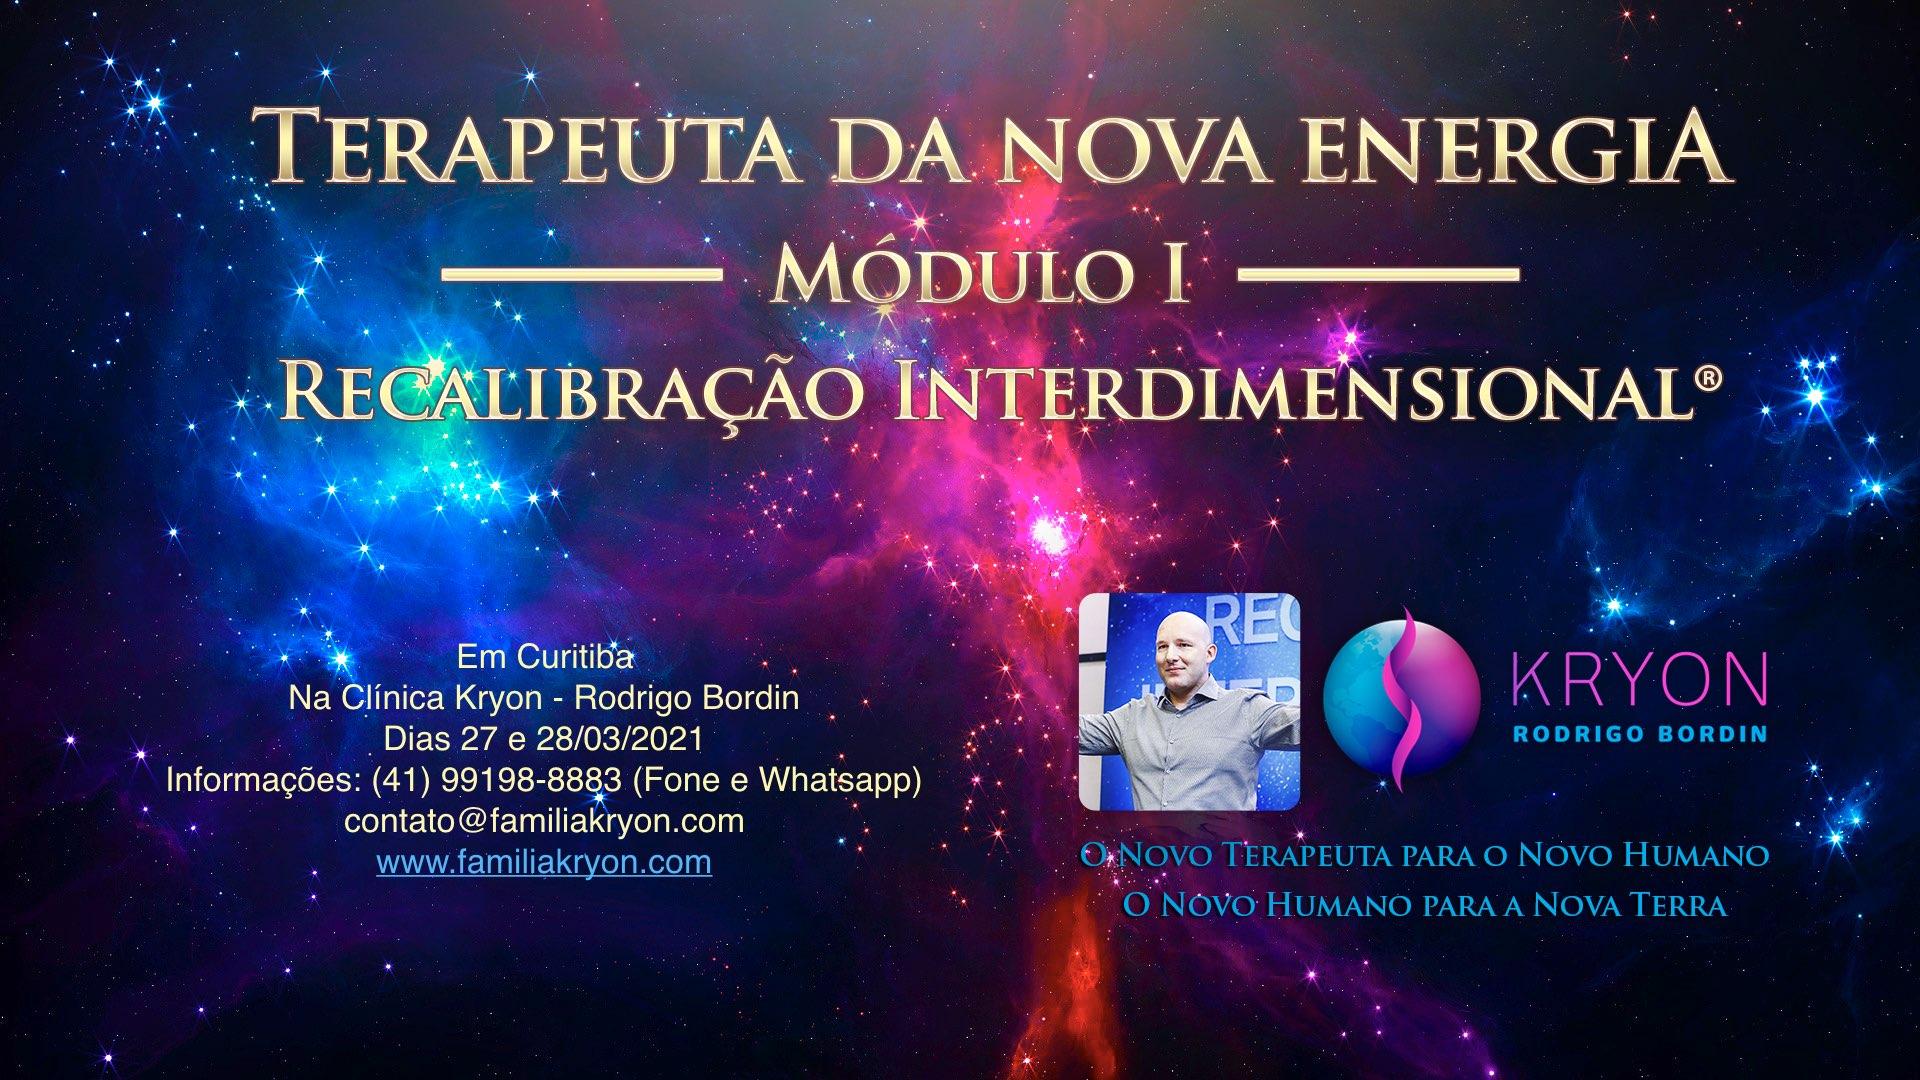 Terapeuta da Nova Energia® - Módulo I - Recalibração Interdimensional®